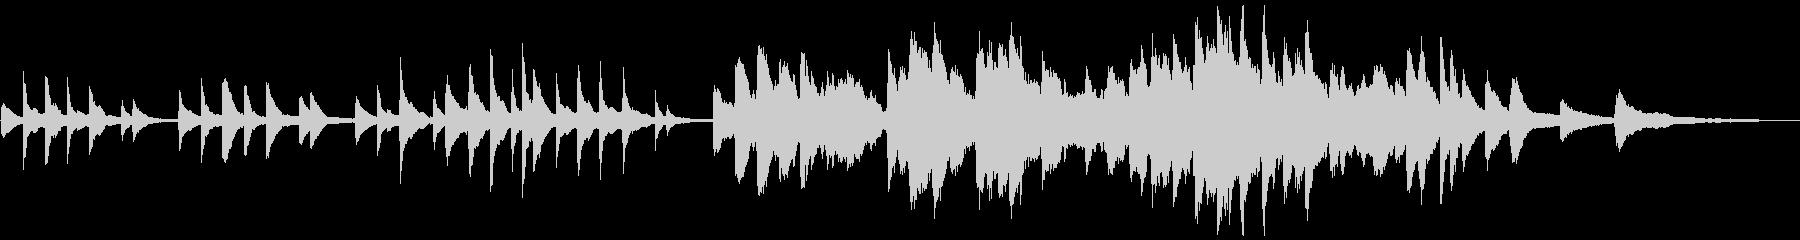 ピアノと星空の短いバラード(FL版)の未再生の波形